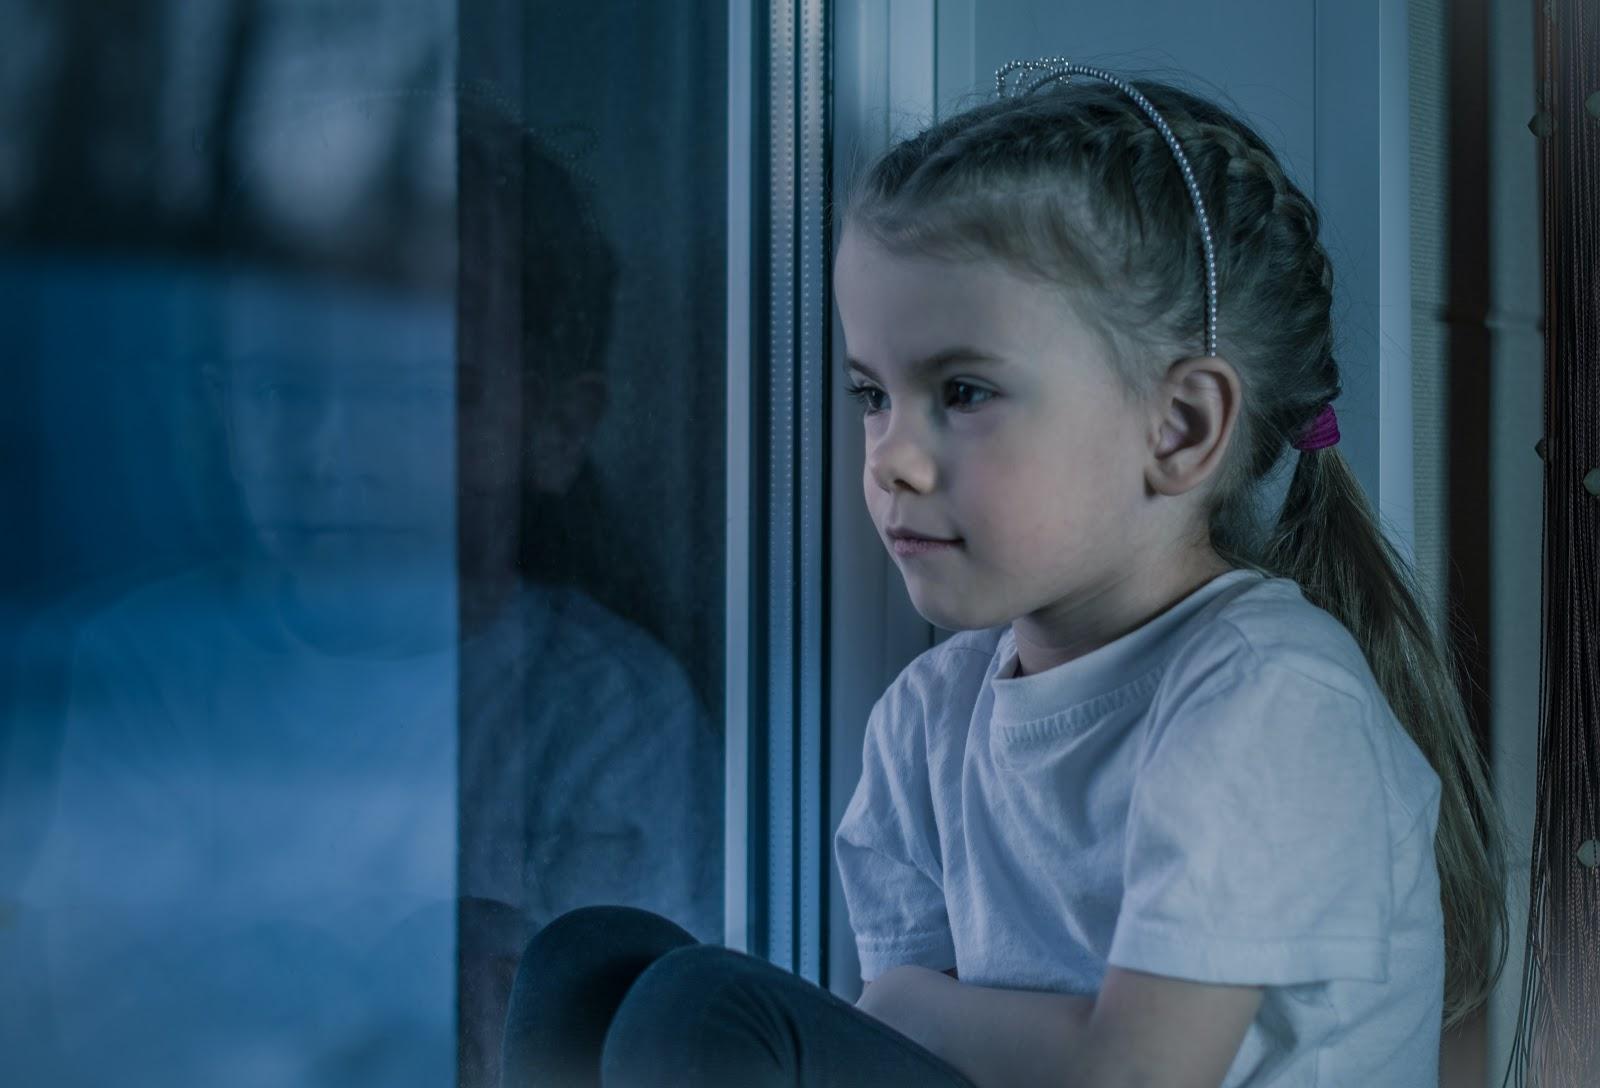 Enneagram type 9 childhood behavioural model